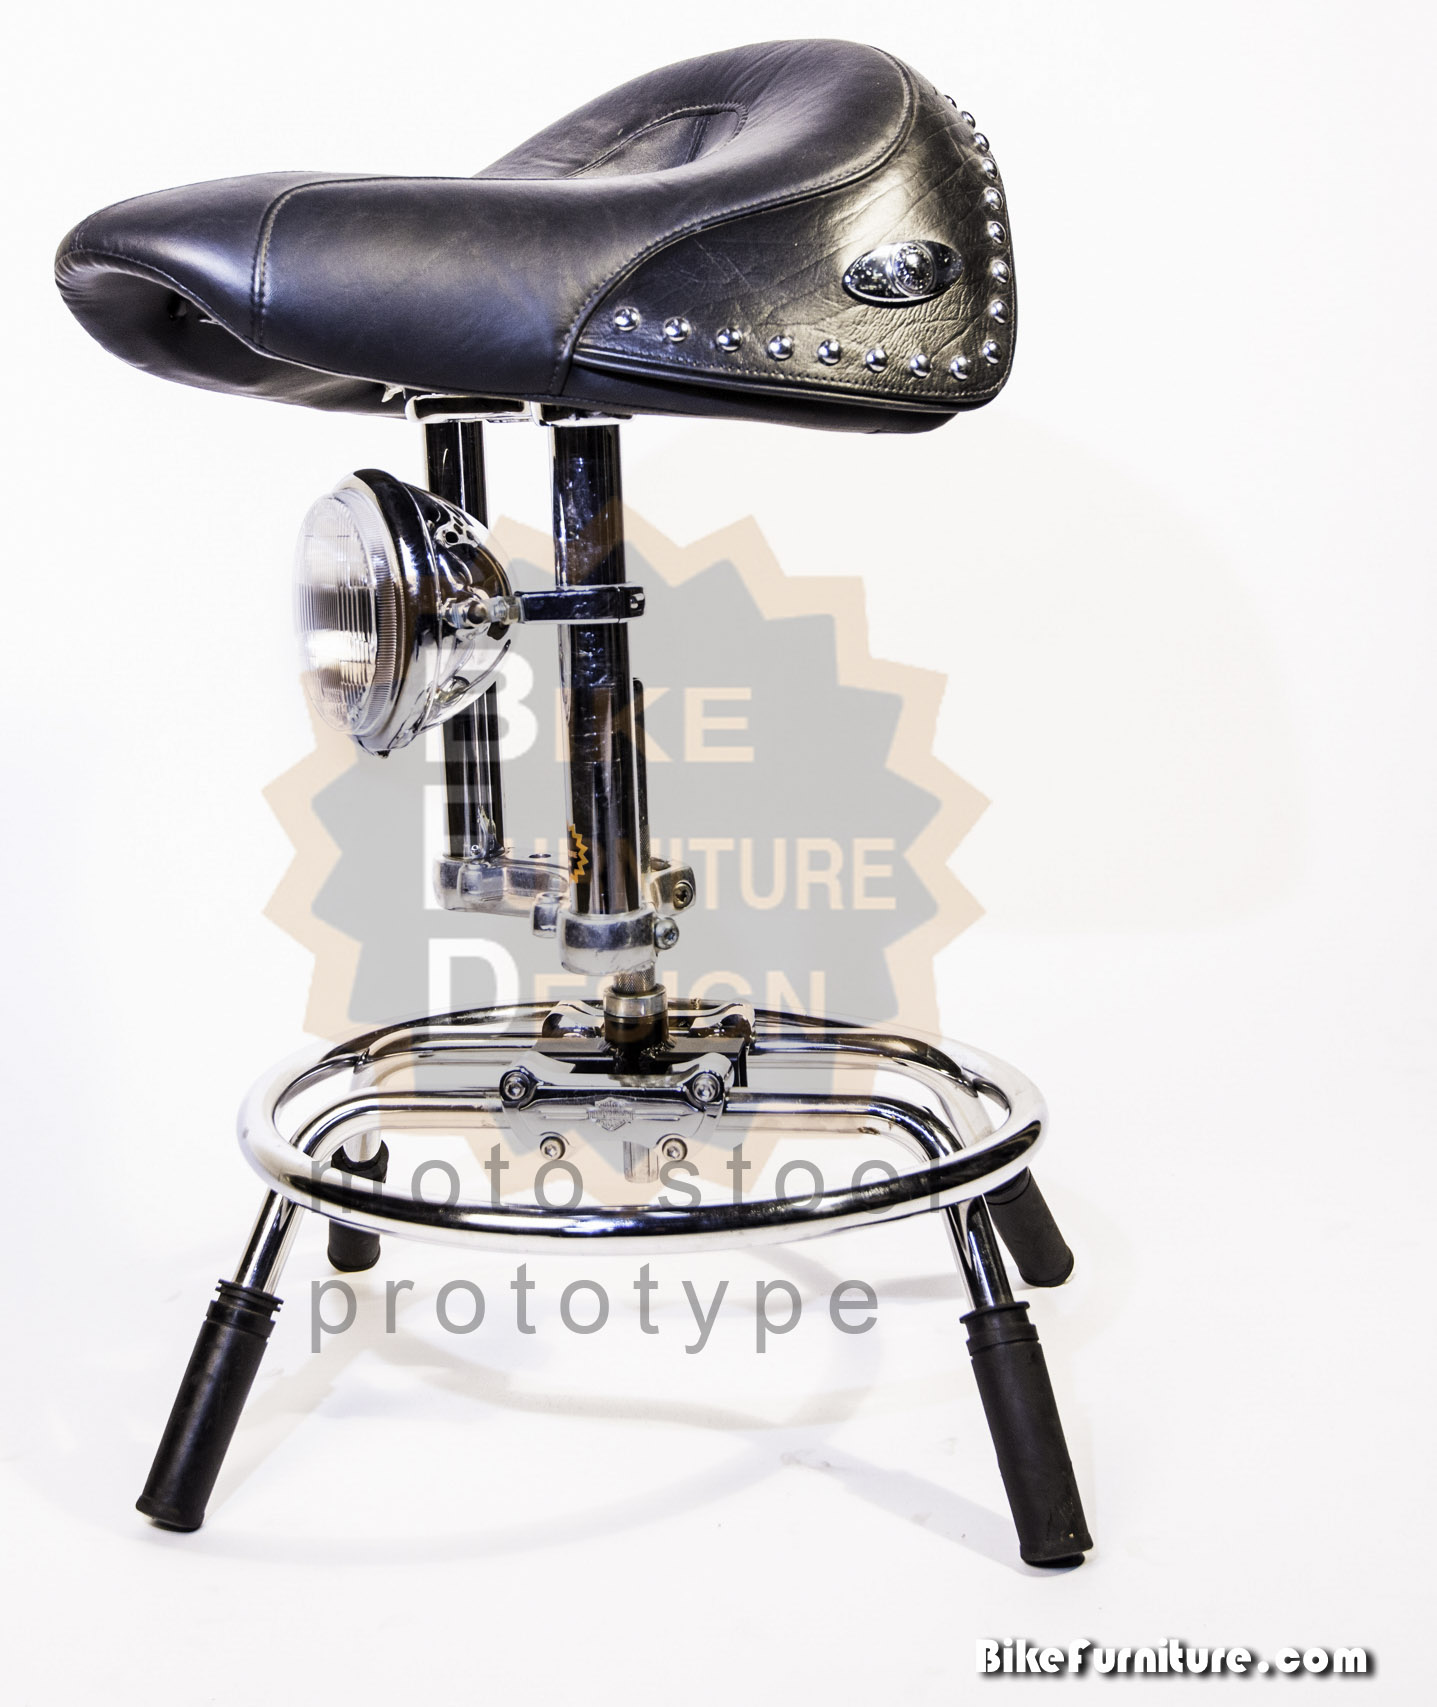 Moto stool saddle 2b - prototype